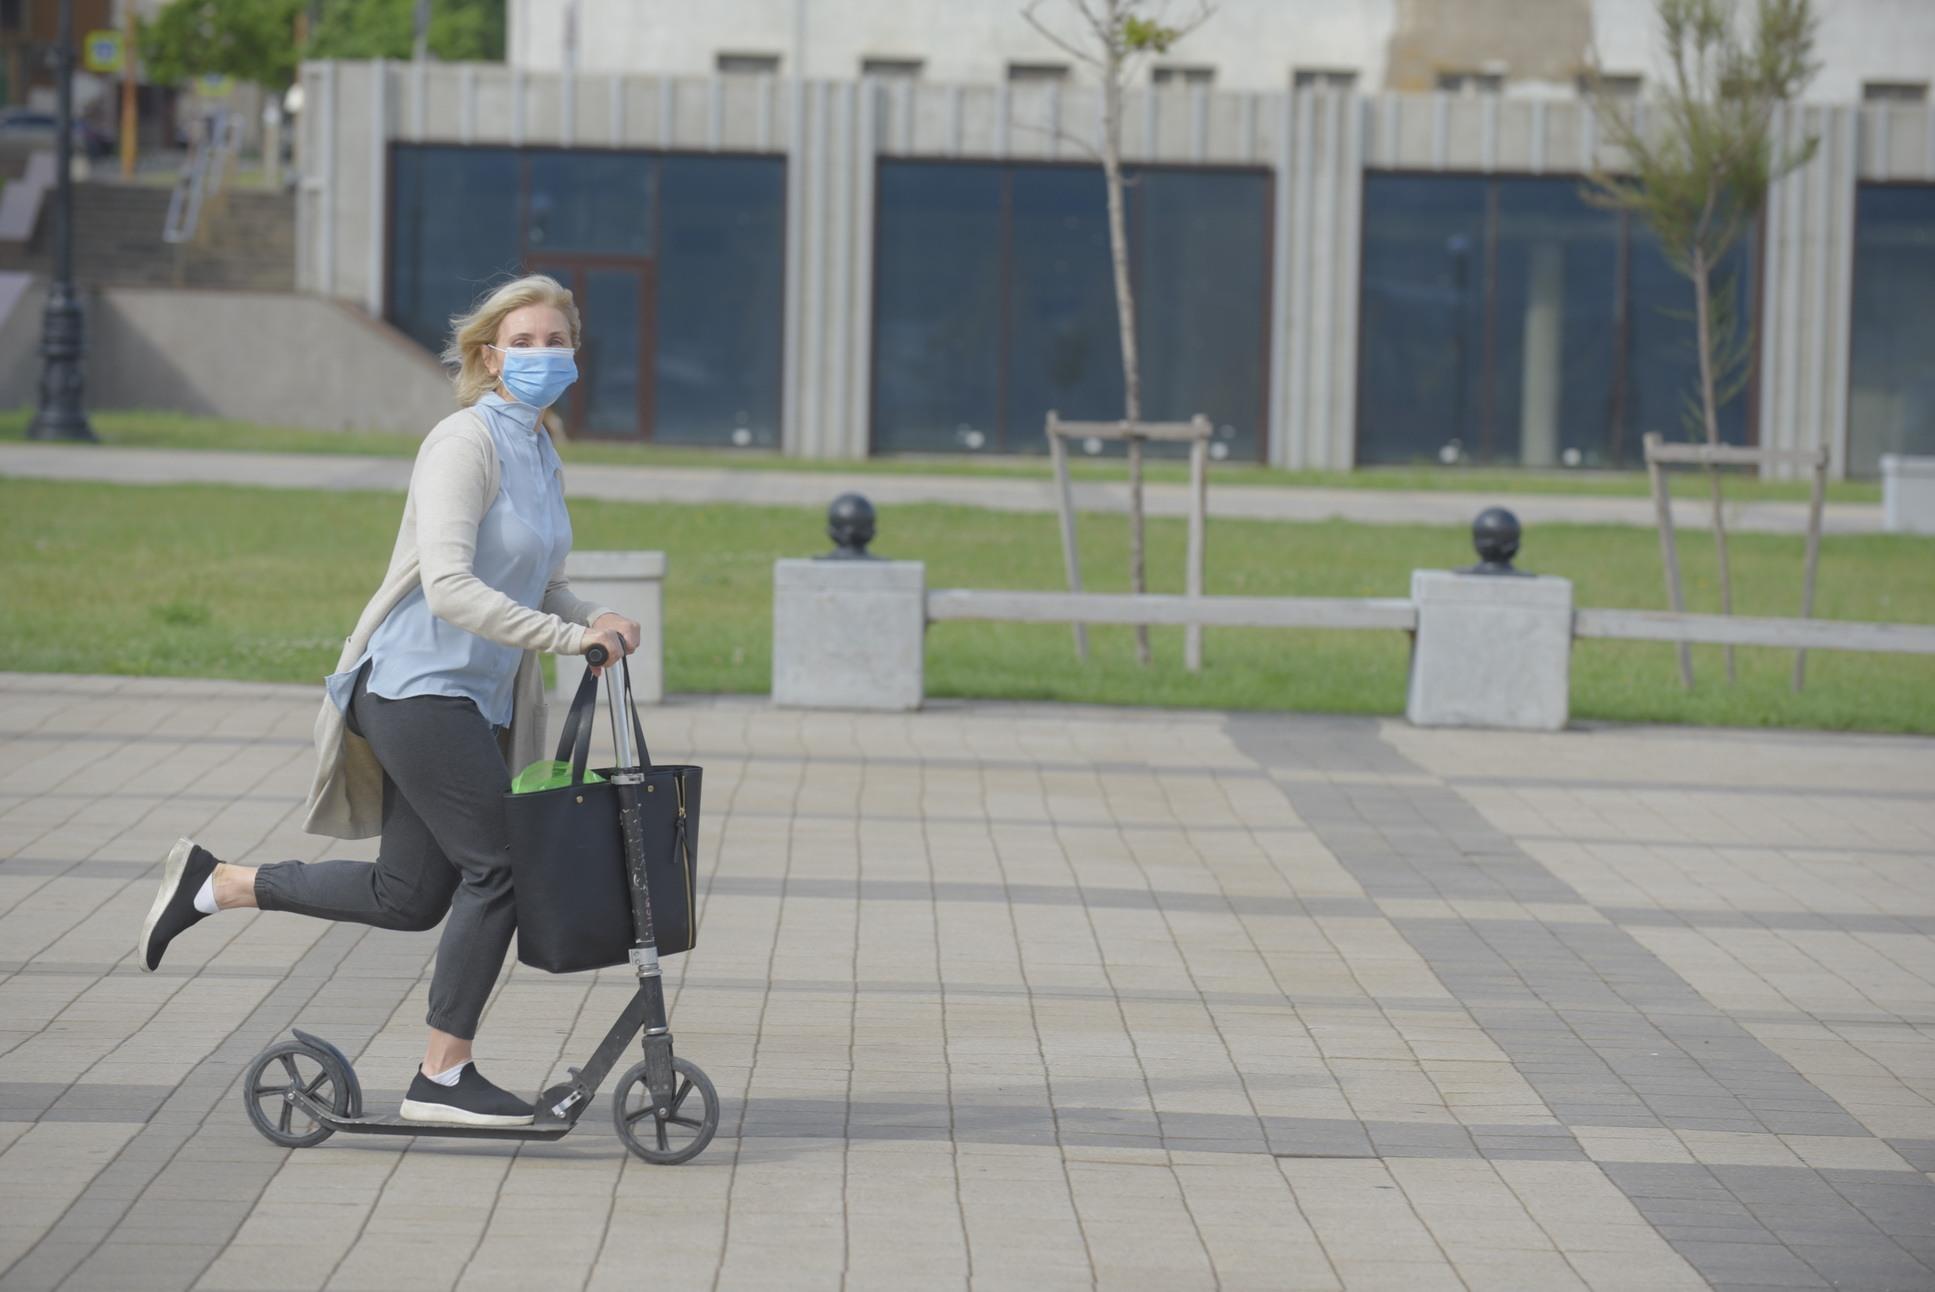 Возрастные новороссийцы стали активно ездить на самокатах и роликах